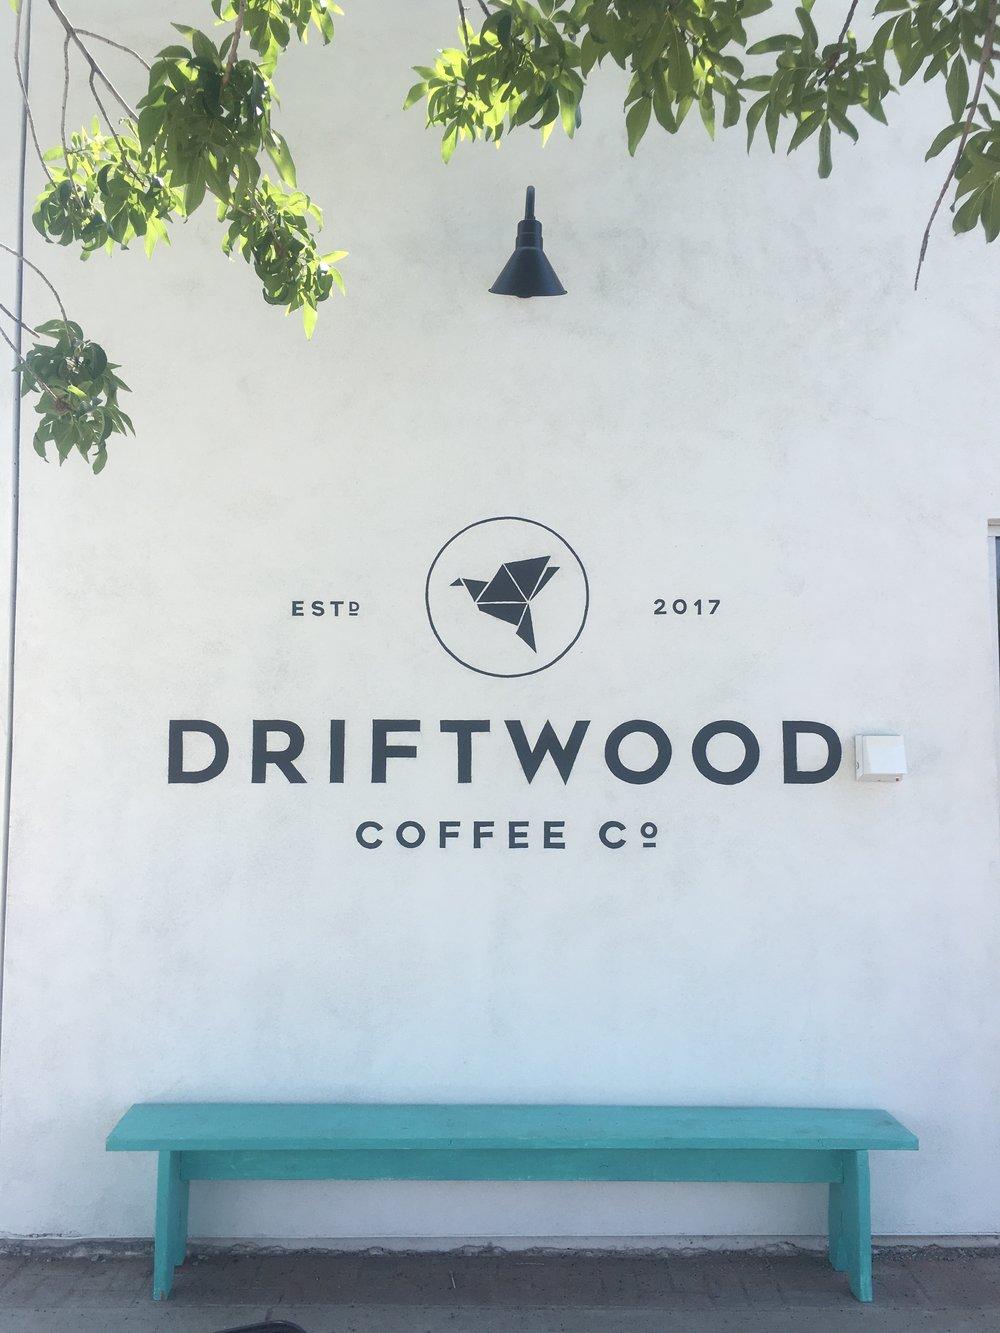 driftwood coffee